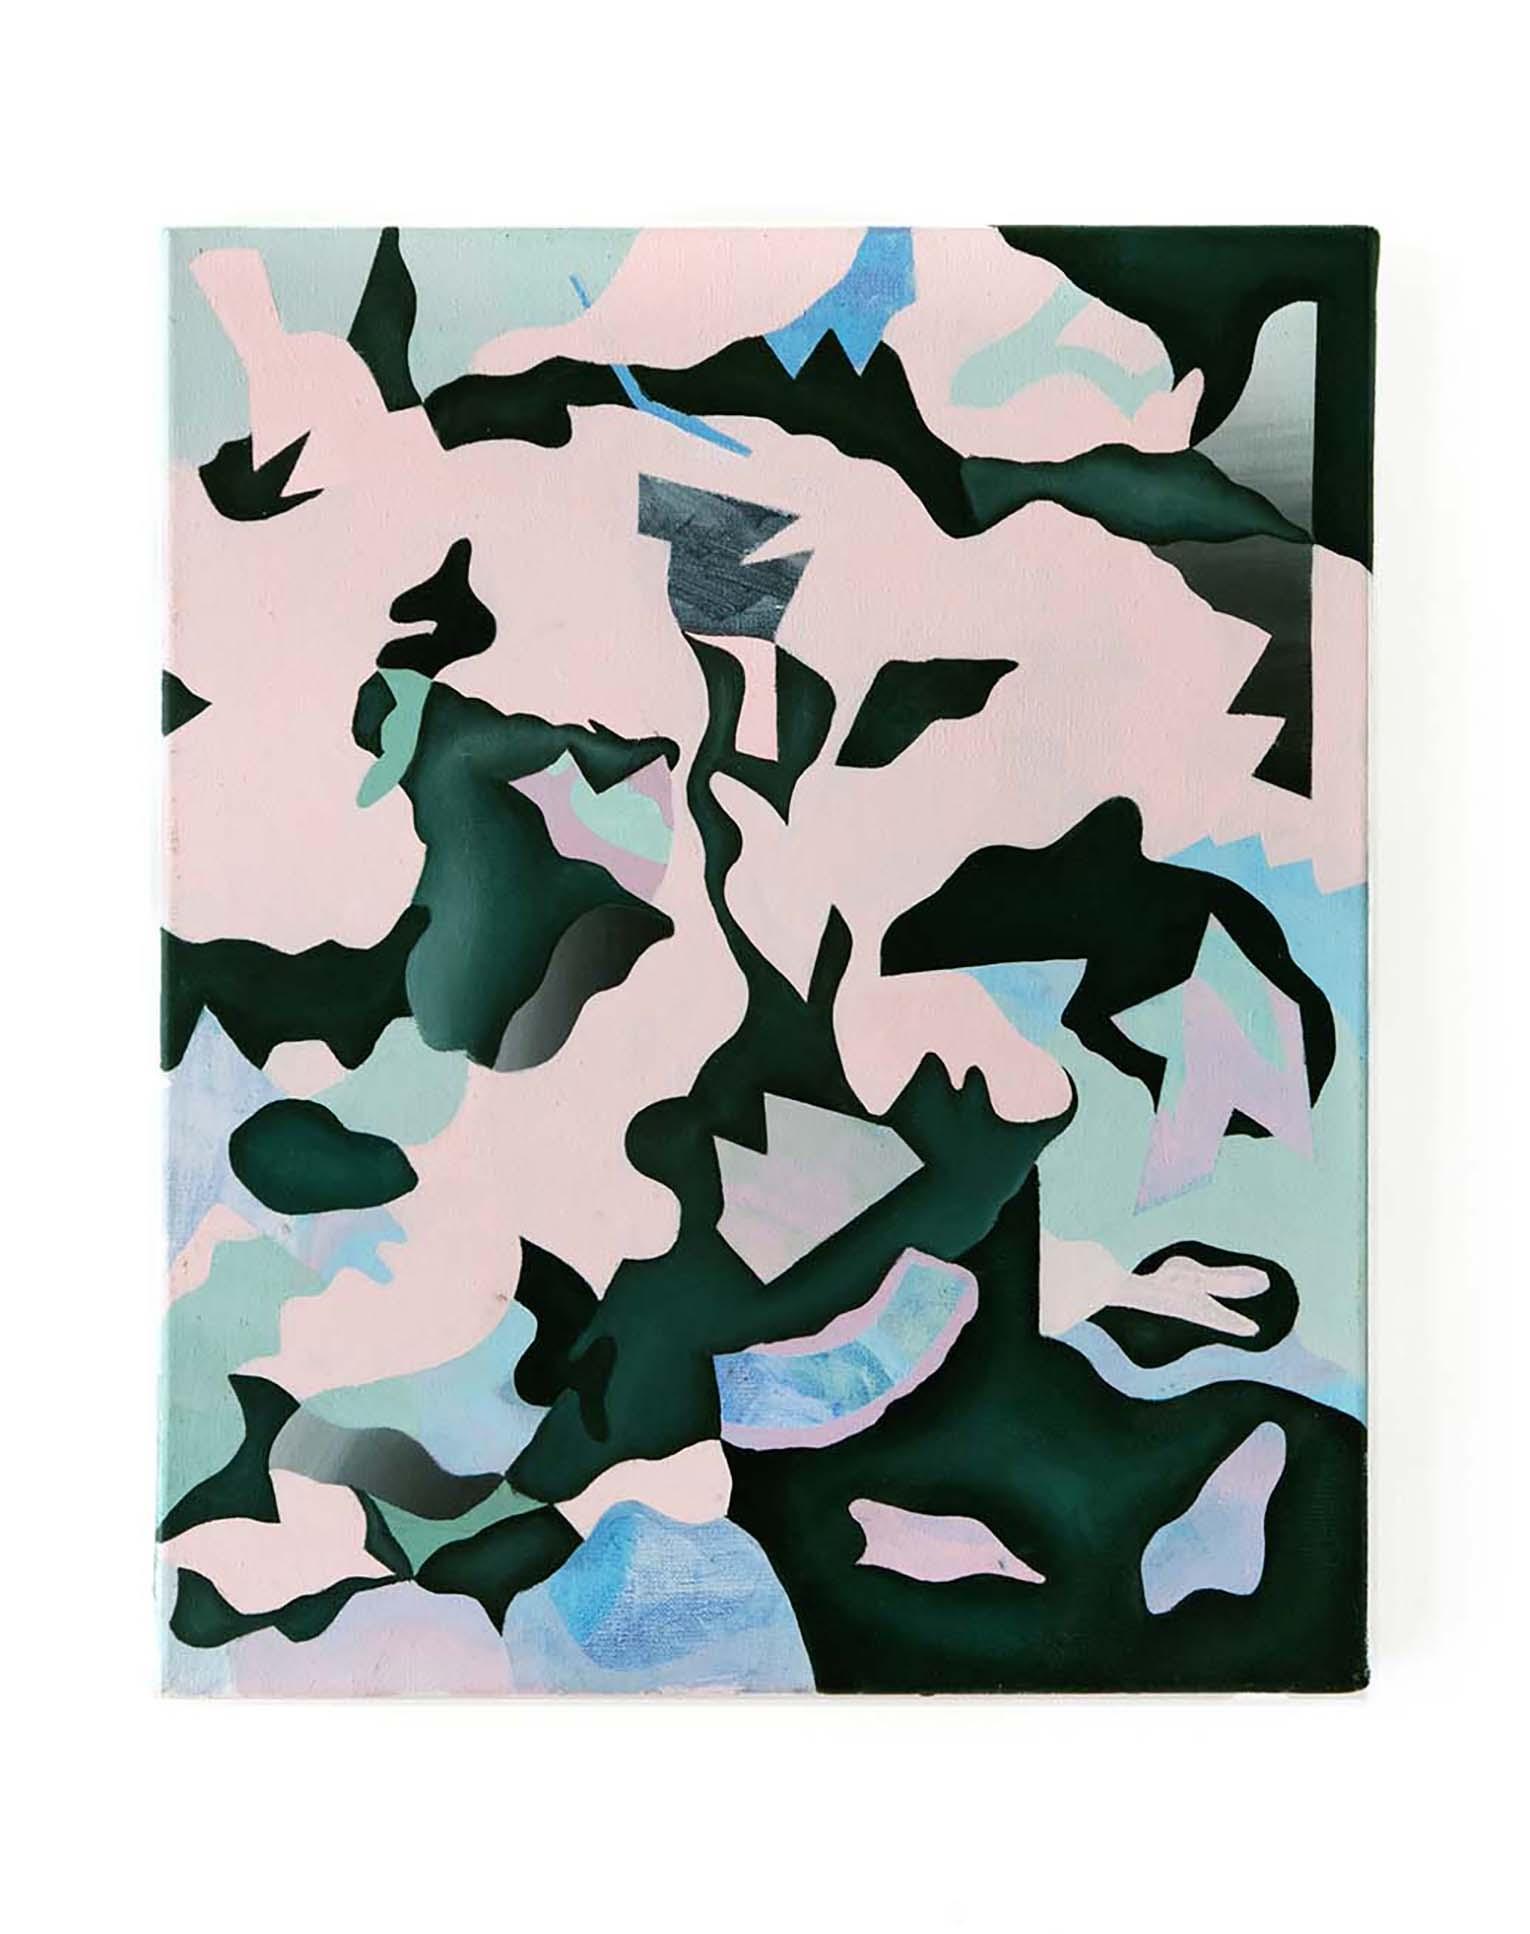 Vaskane - Peinture acrylique sur toile - 47x40 cm - 2018